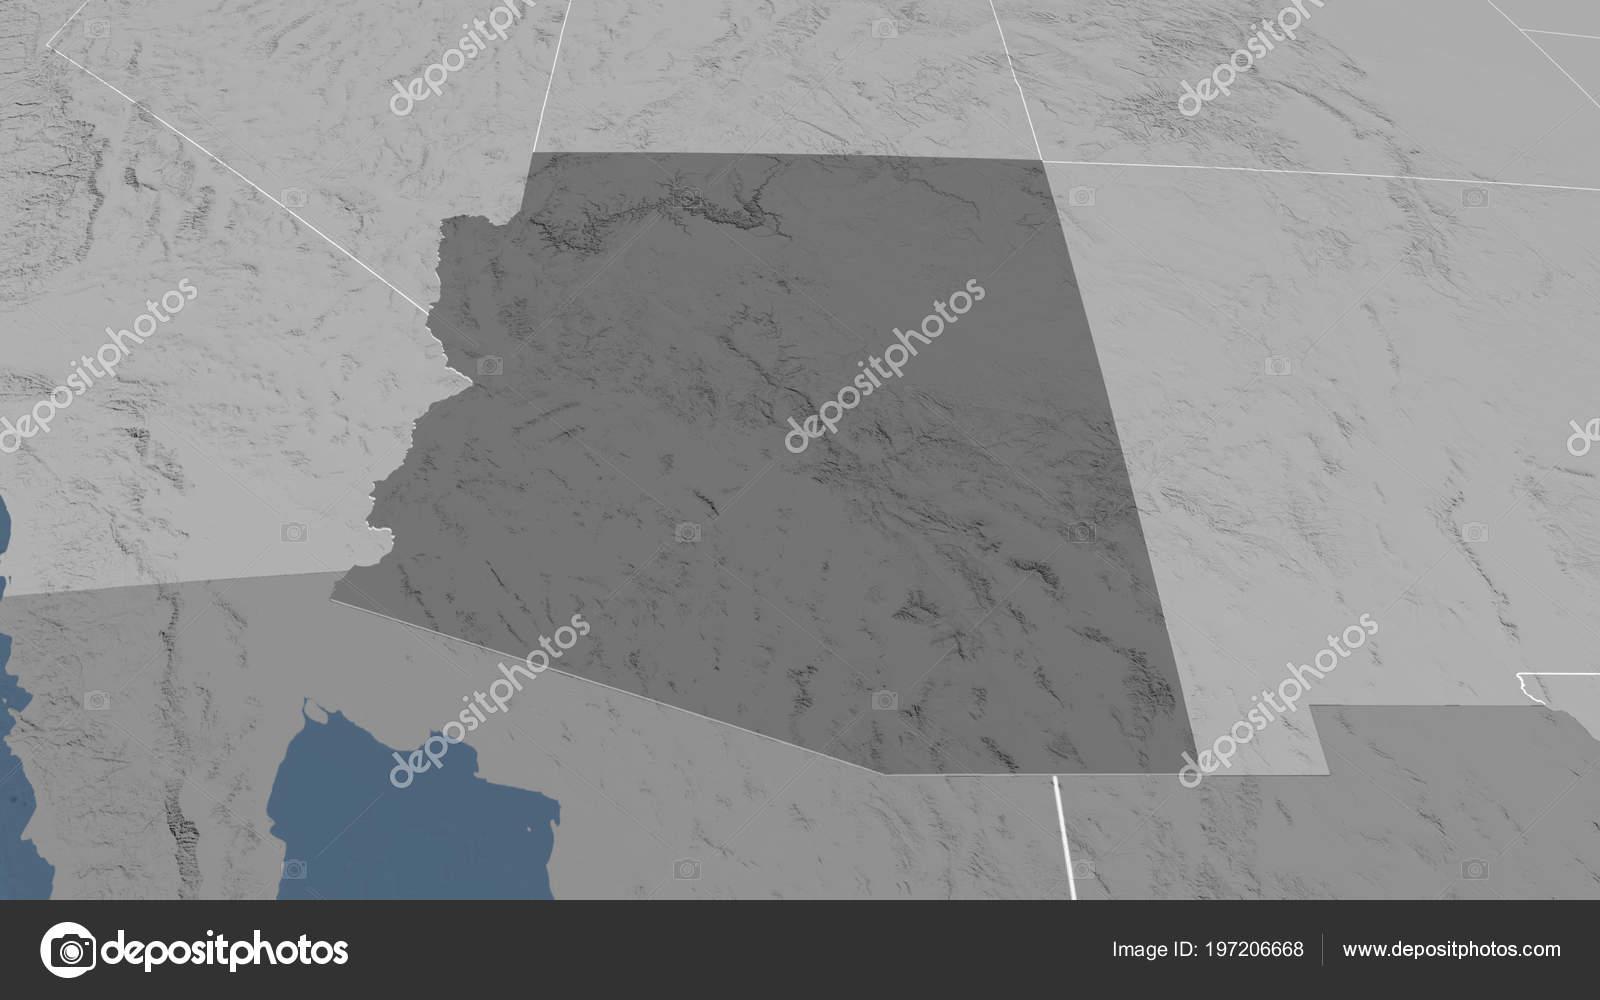 Arizona Region United States Outlined Bilevel Elevation Map Stock